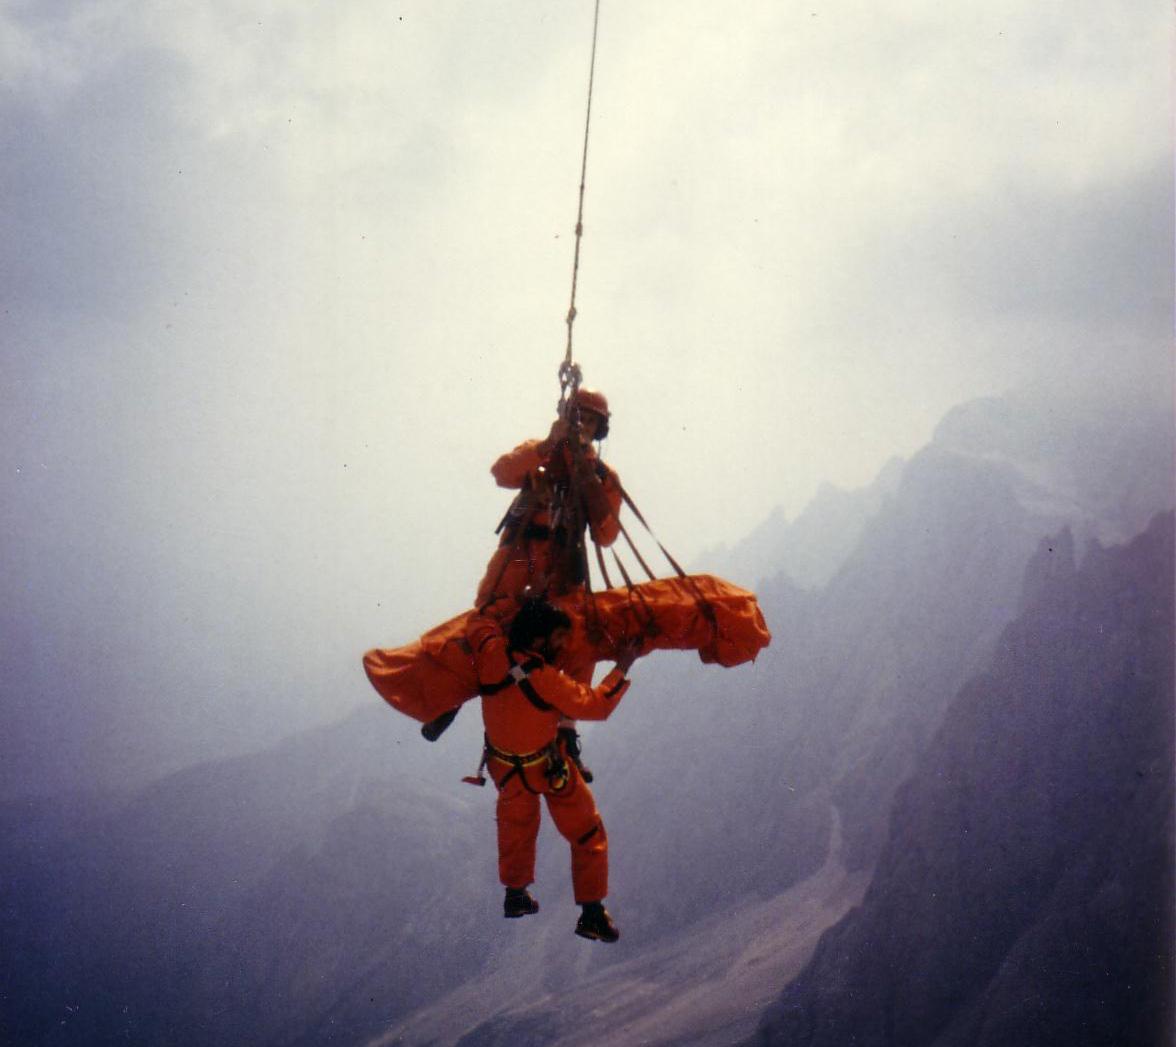 Recupero di un alpinista infortunato in parete